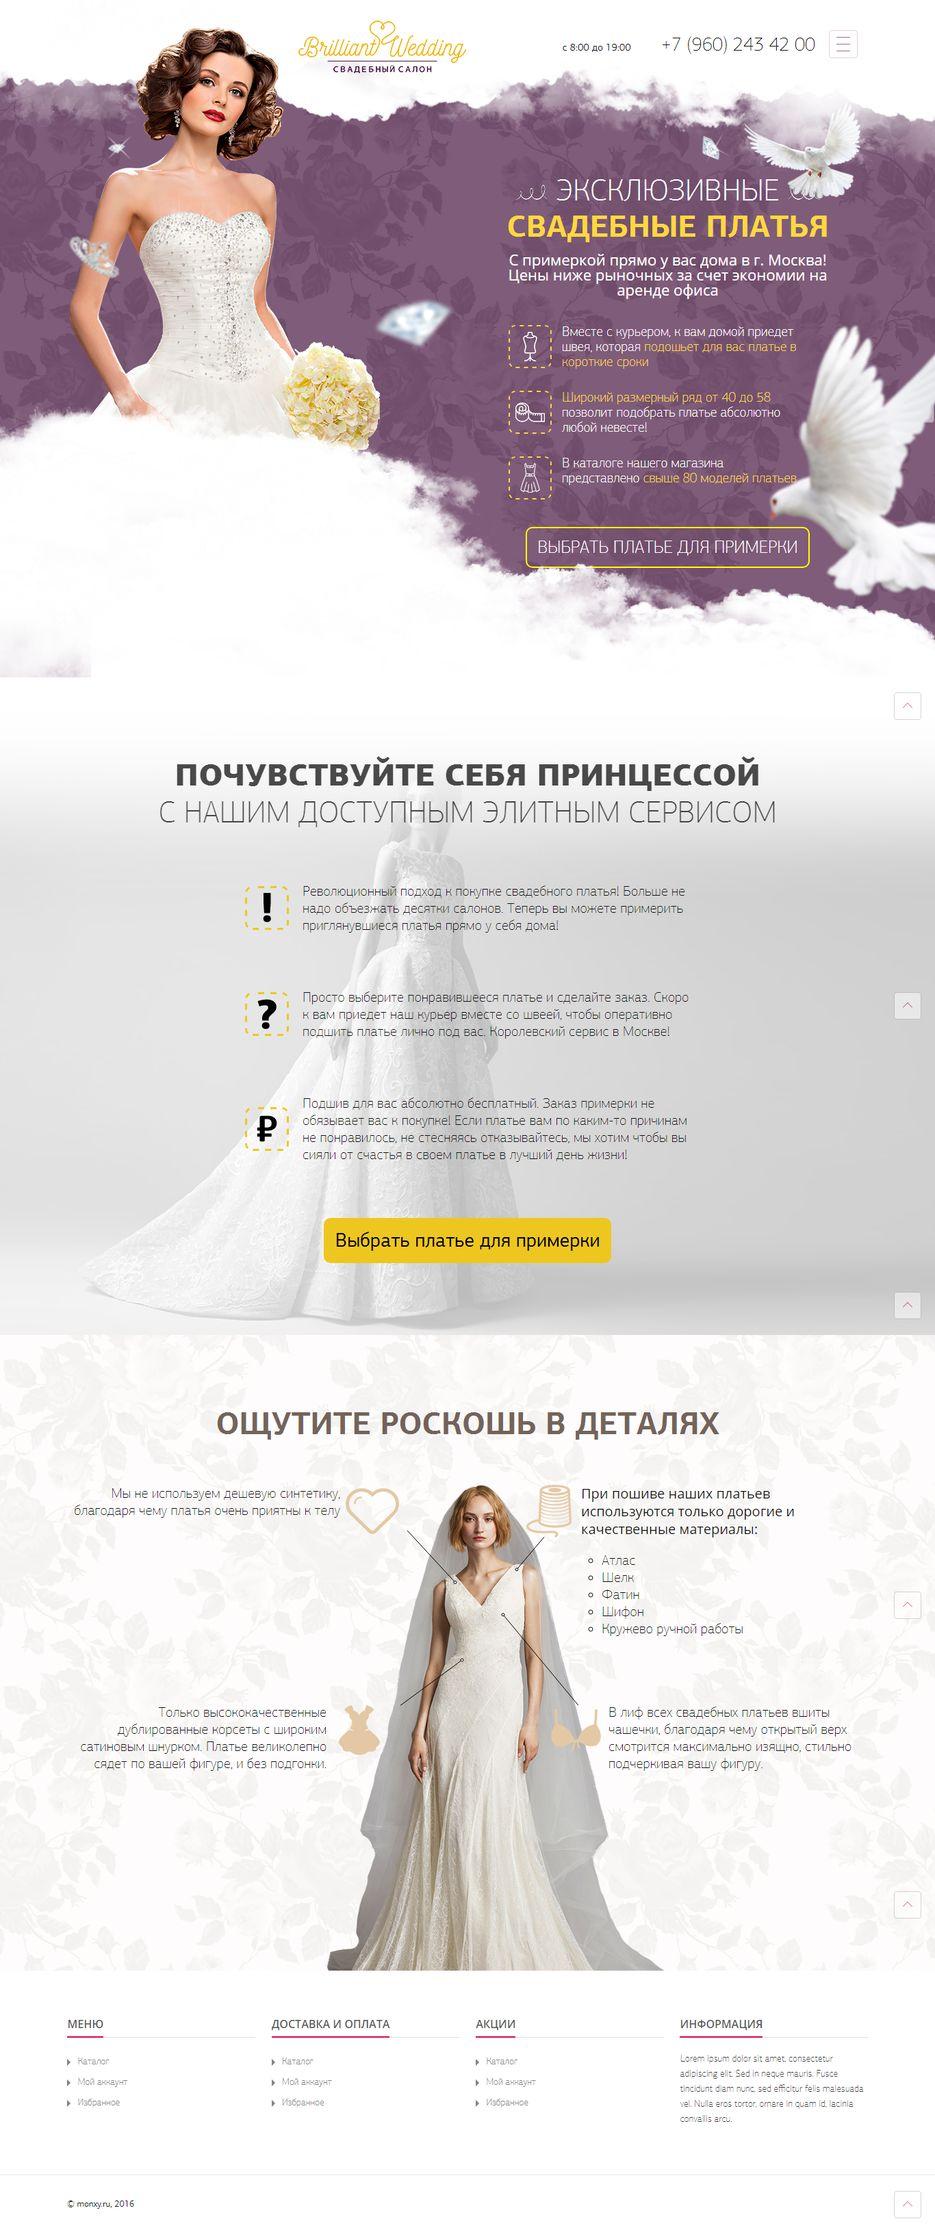 Компания: Brilliant Wedding